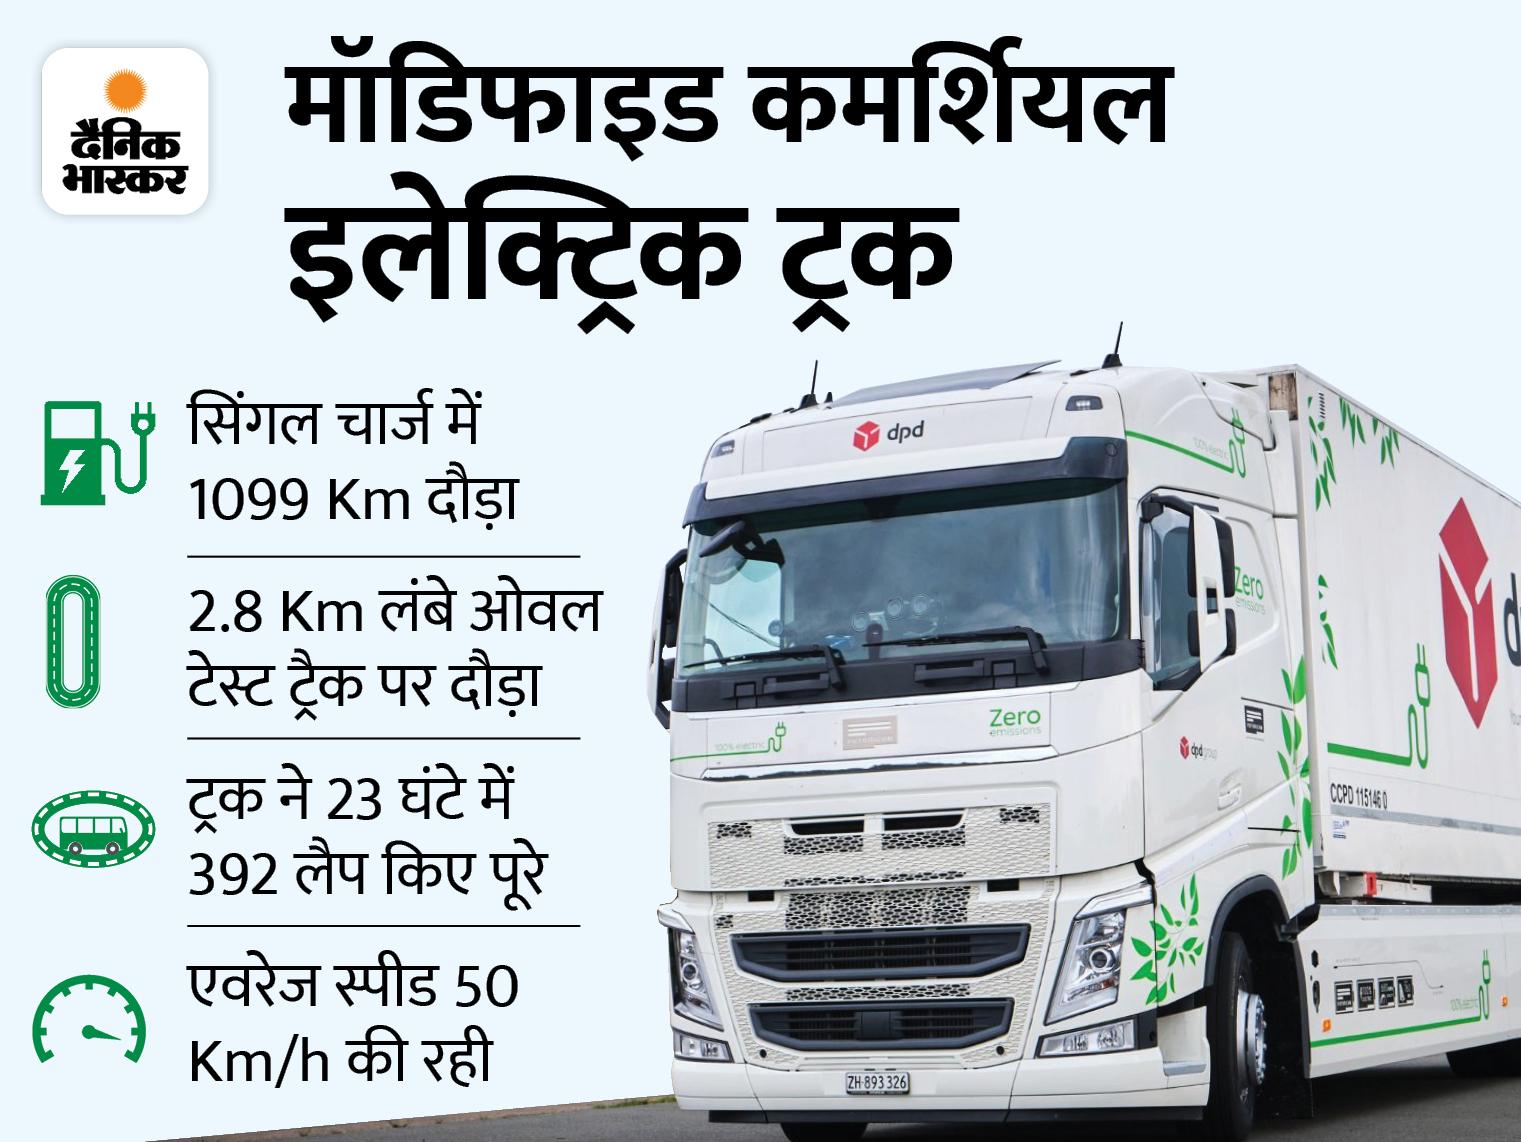 सिंगल चार्ज में 1099 km दौड़ा, गिनीज ऑफ वर्ल्ड रिकॉर्ड में हुआ नाम टेक & ऑटो,Tech & Auto - Dainik Bhaskar